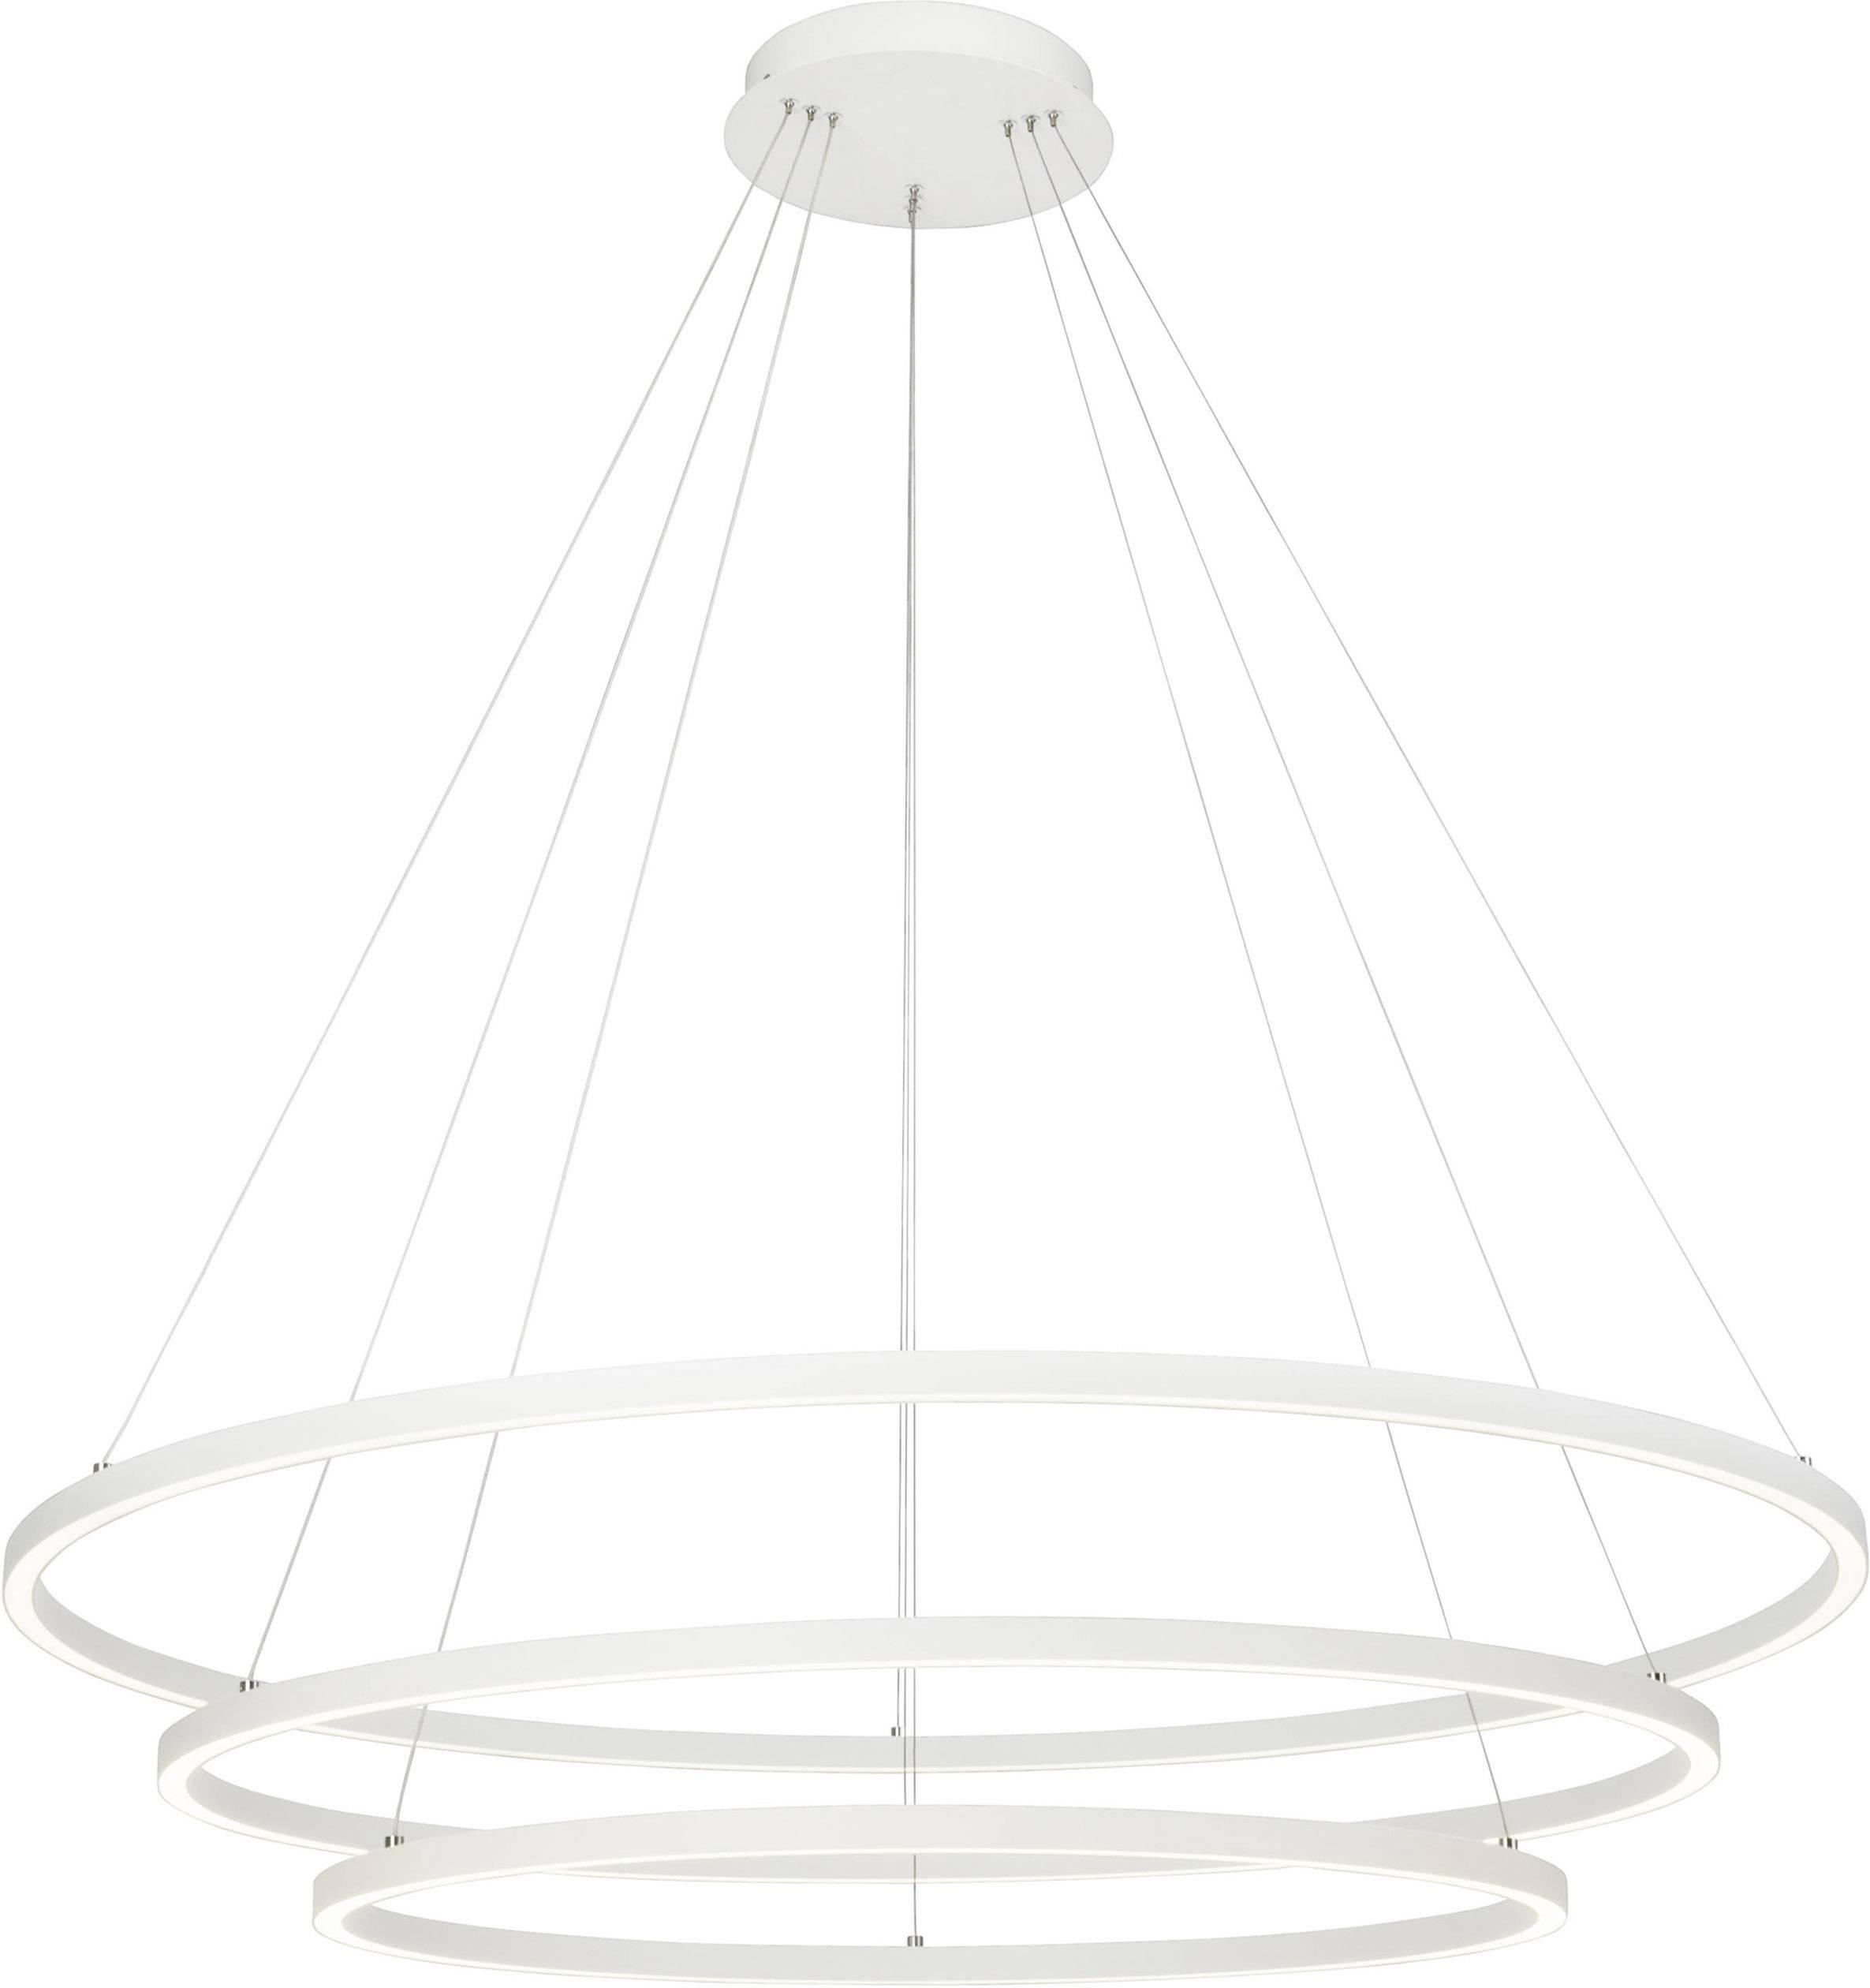 Brilliant Anilo G9328285 LED Pendelleuchte 142 W Neutral Weiß Sand, Weiß